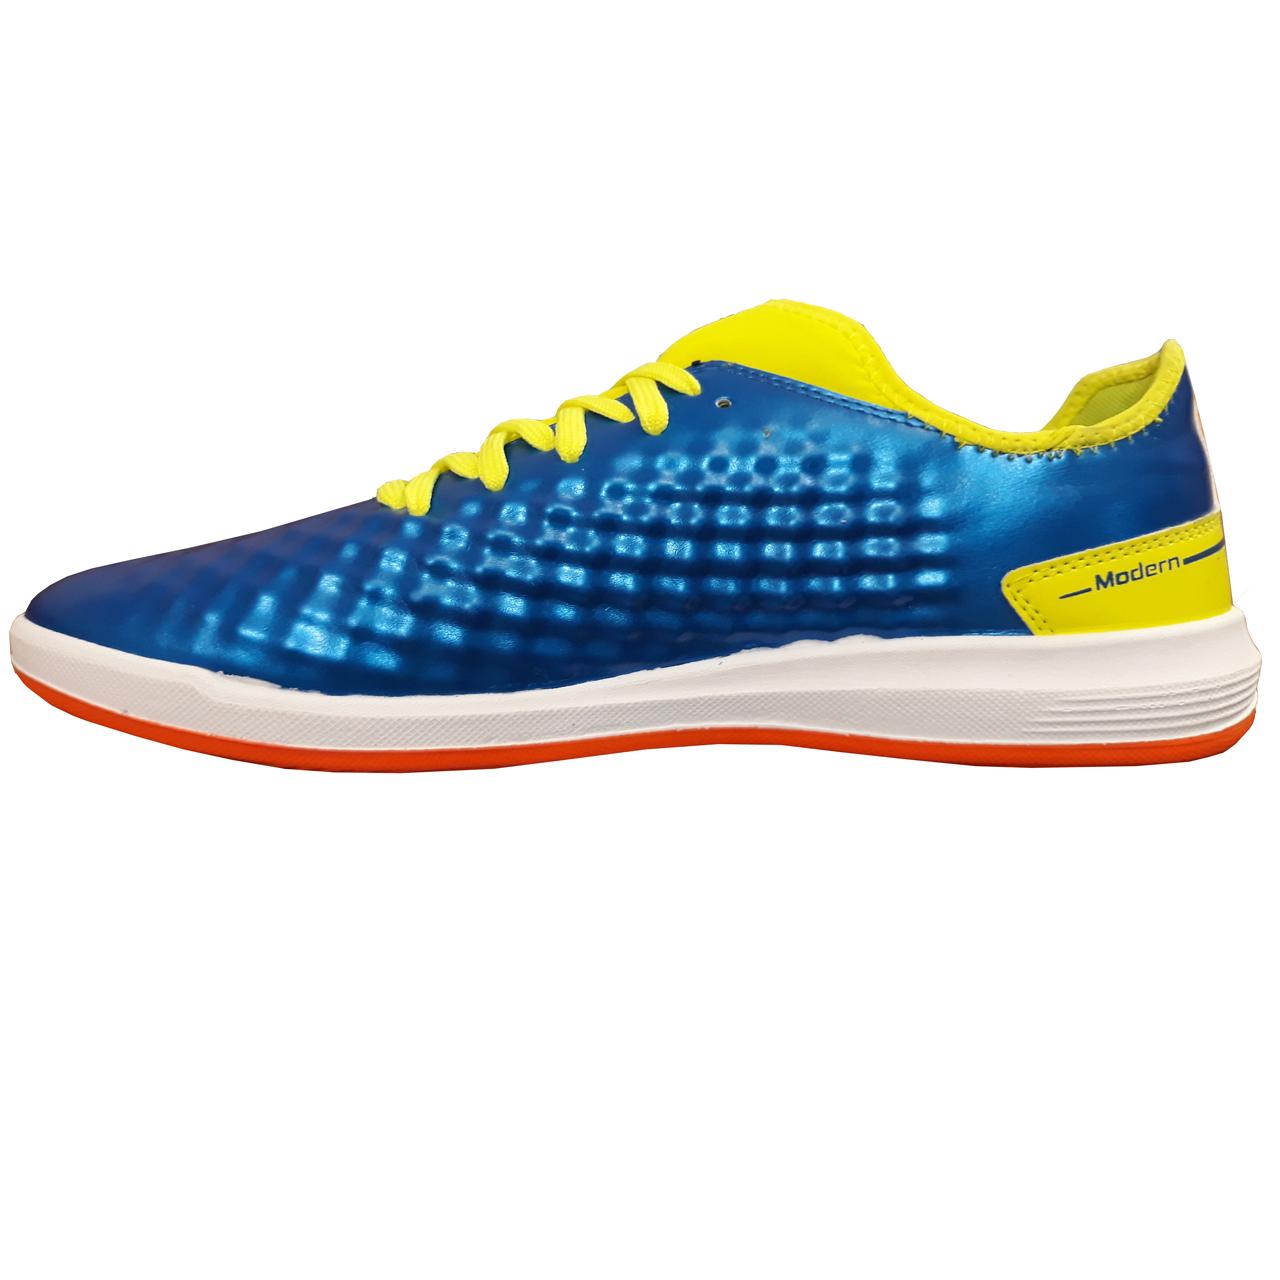 کفش فوتسال و فوتبال مردانه مدرن مدل M1